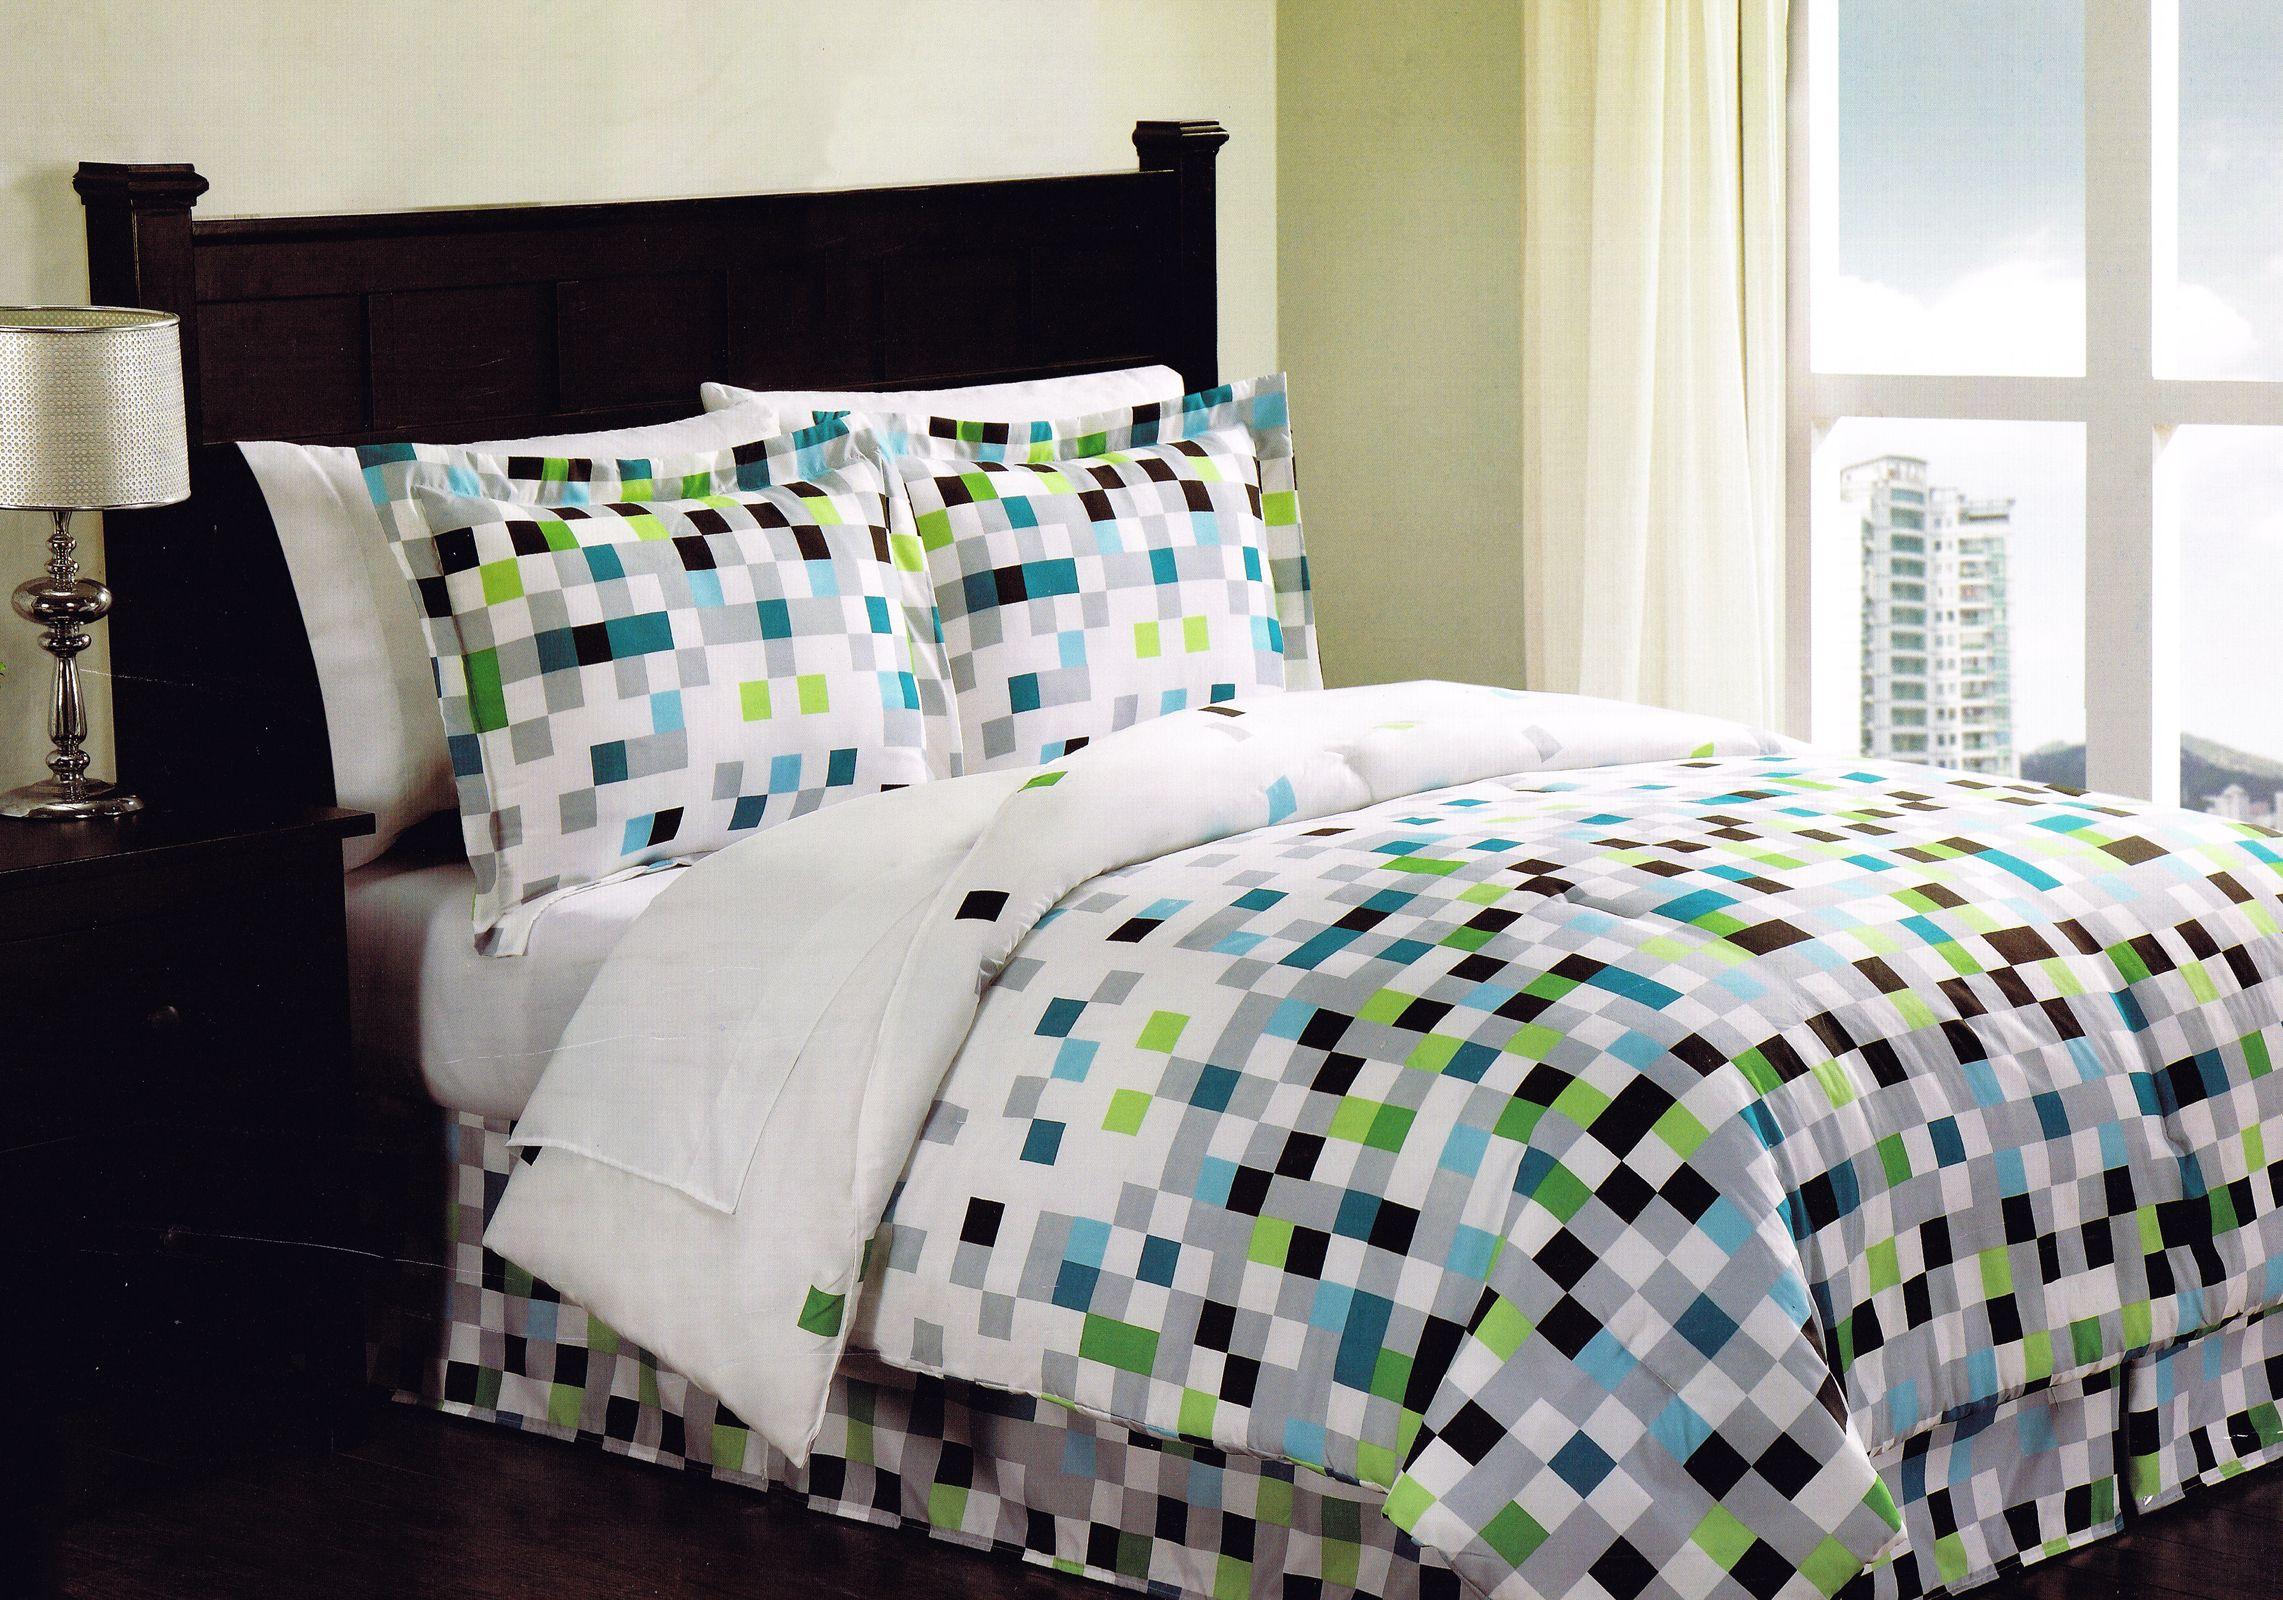 Minecraft Pixels Comforter Set Teen Bedding Bed in a Bag ...